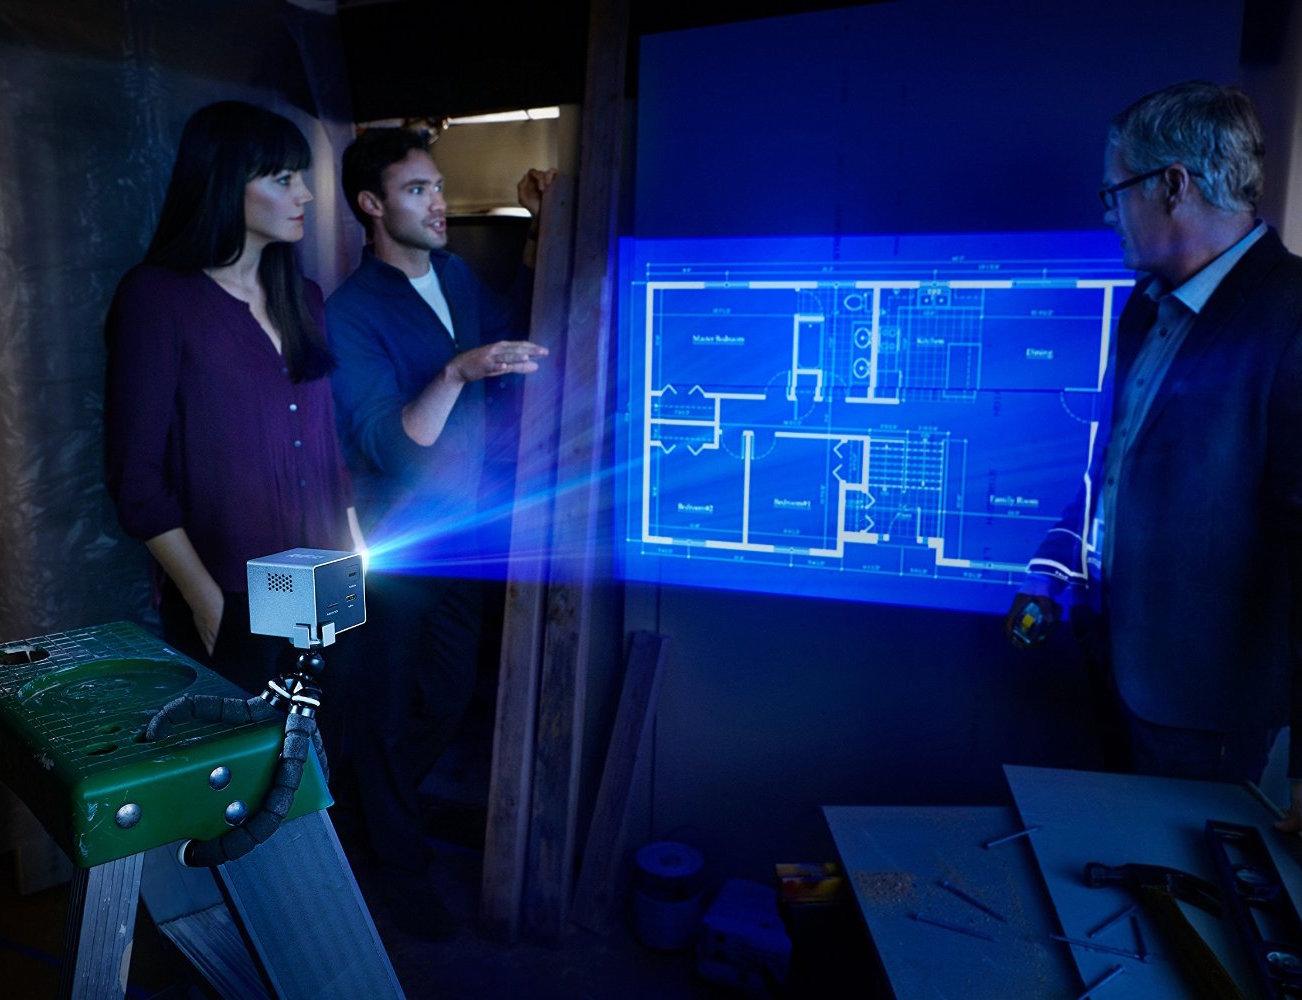 rif6-cube-pico-projector-02